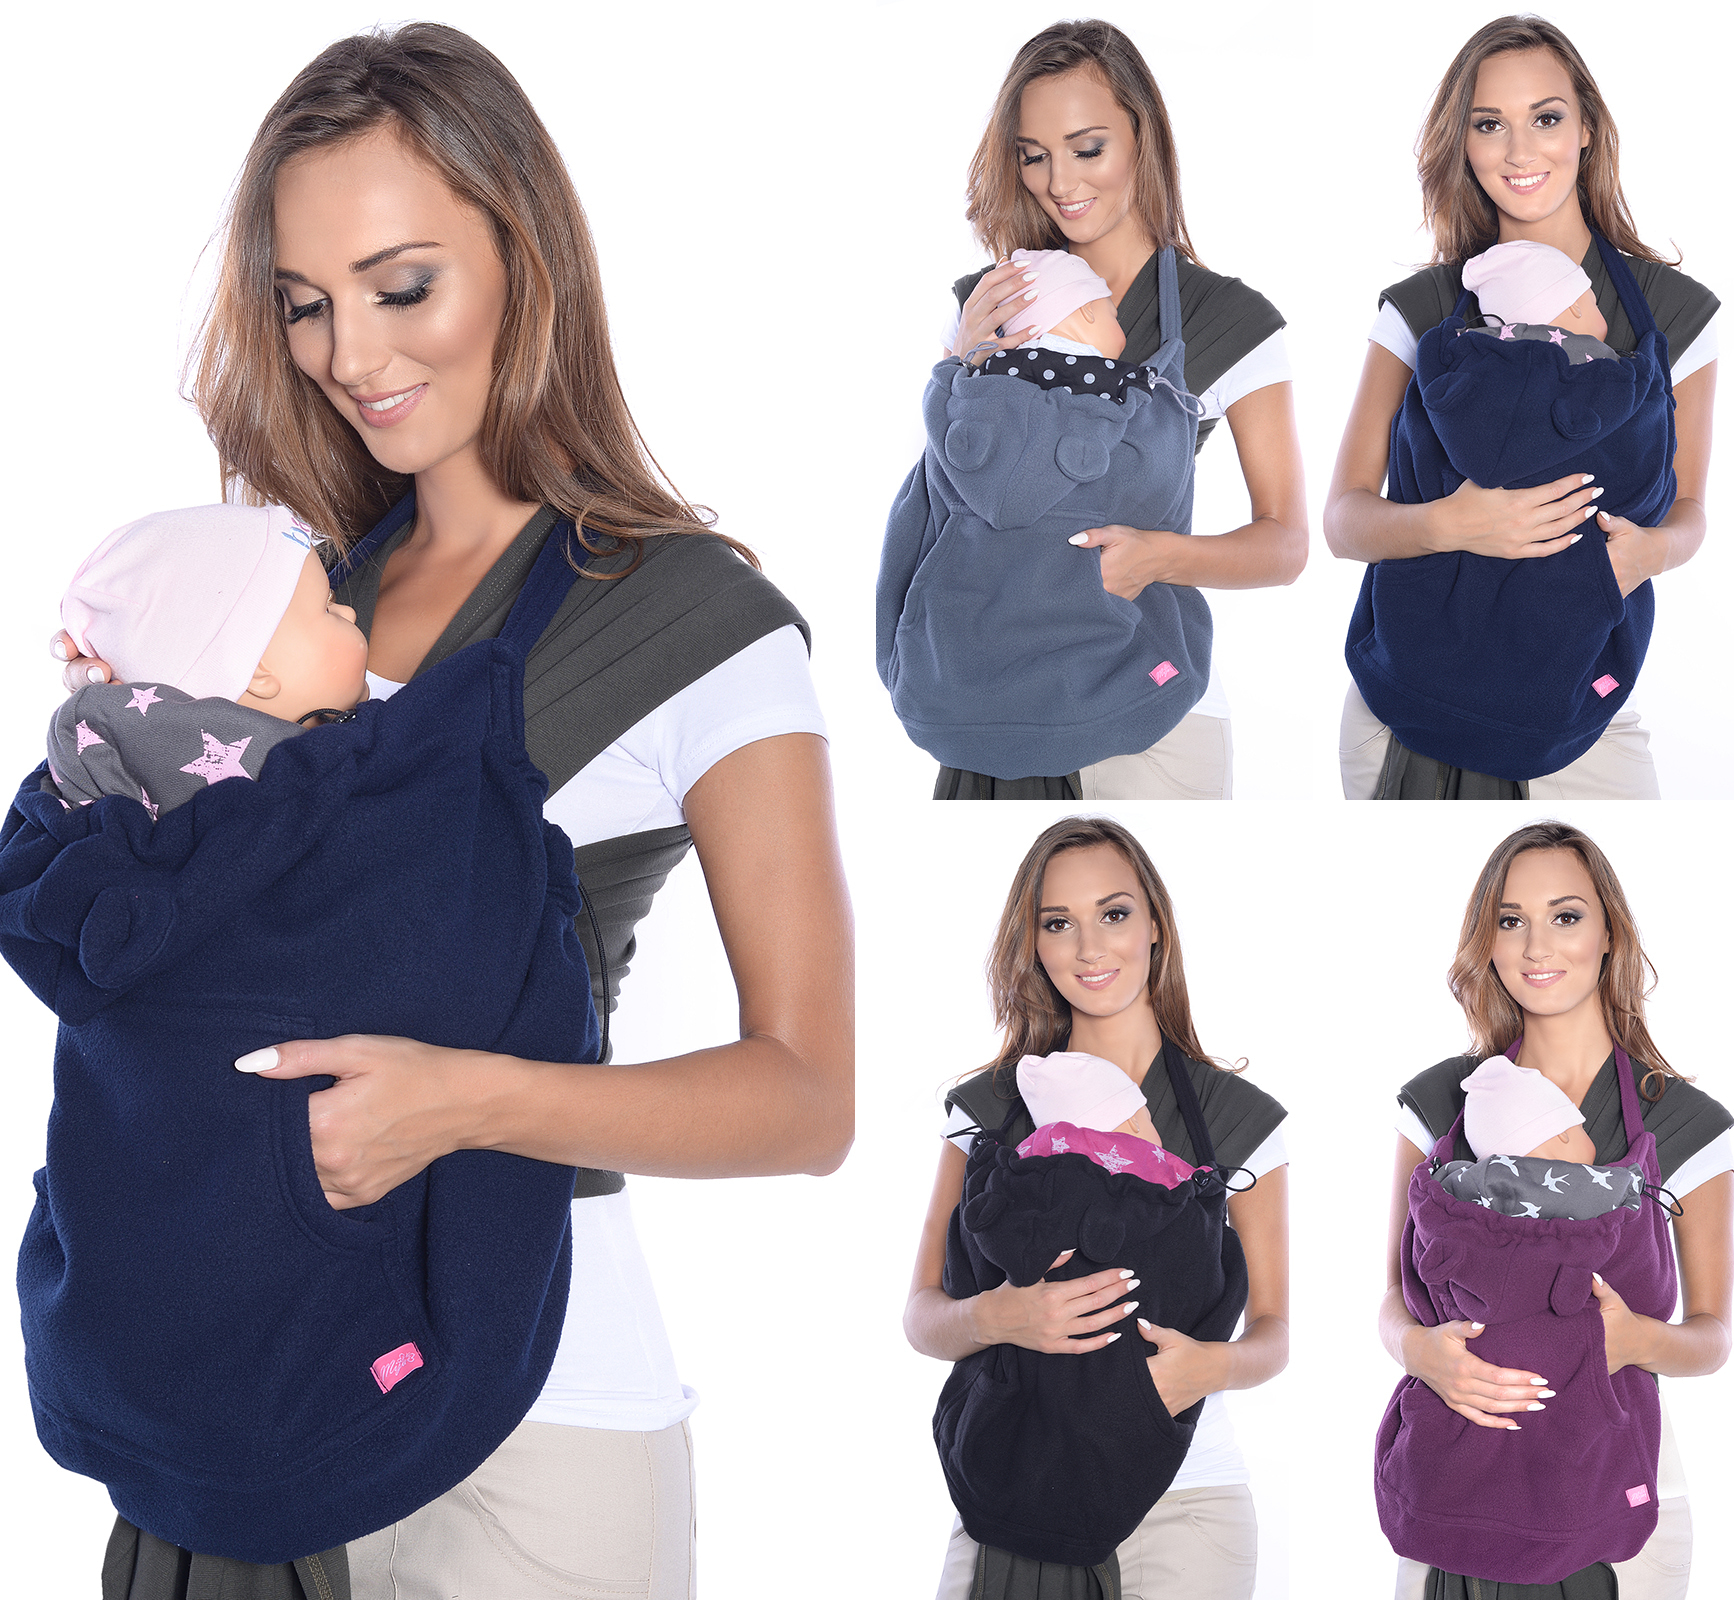 Neu Babytragetuch BAUCHTRAGE Babytrage Bauhtrage Tragetuch BABY Carrier